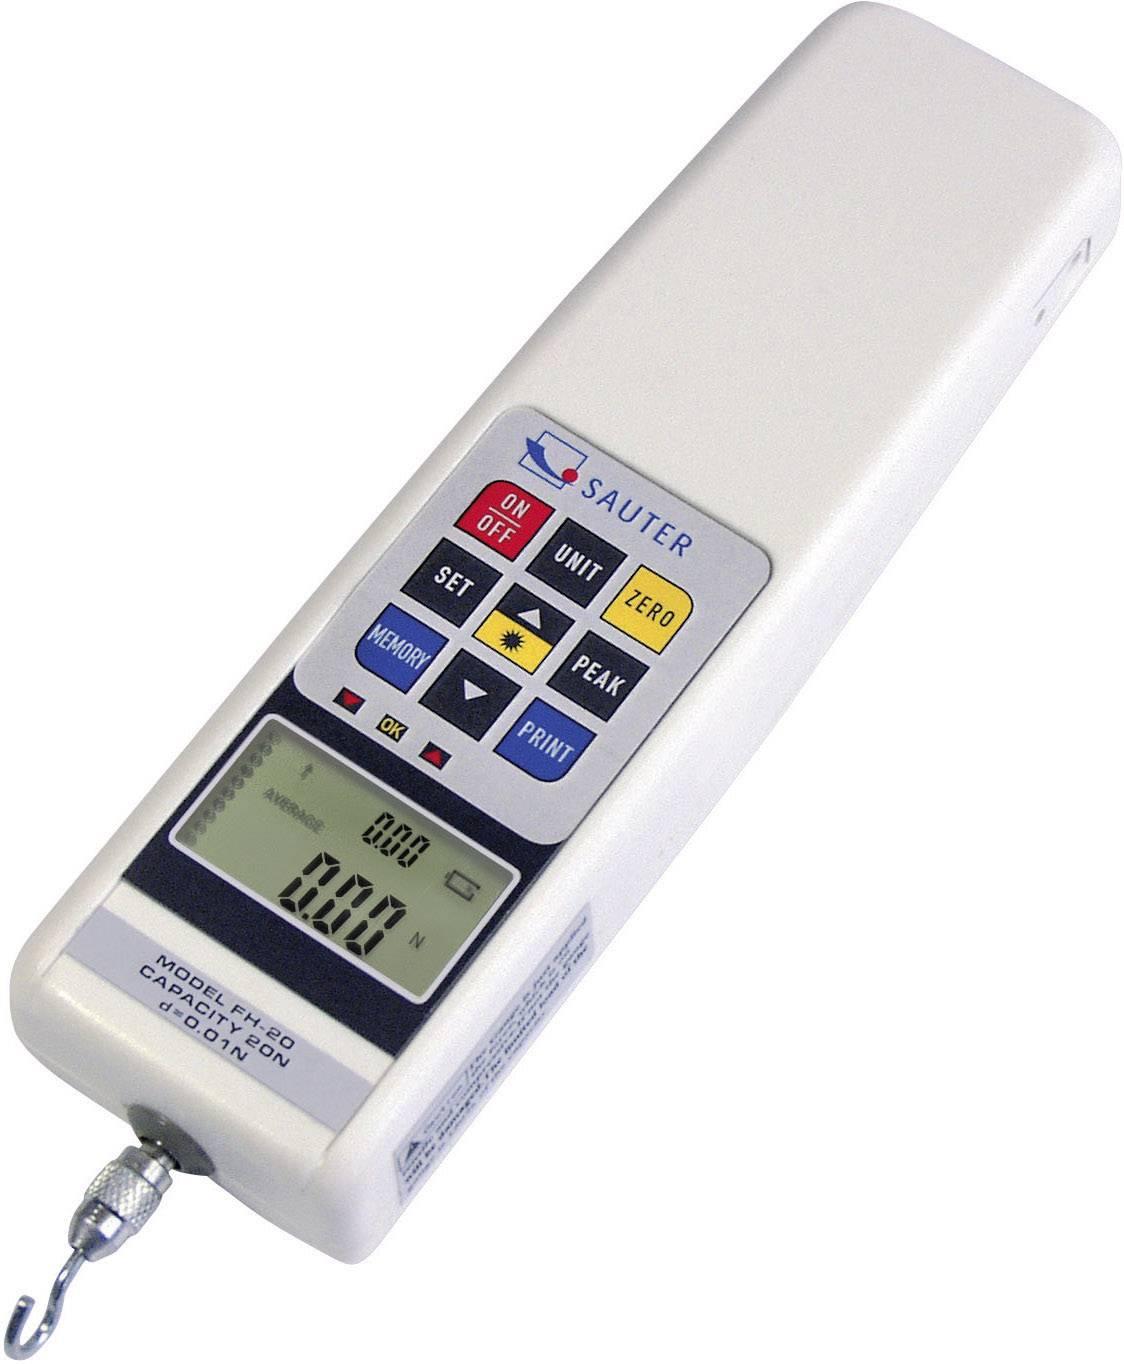 Profesionální siloměr Sauter FH 500, 2000 Hz, 500 N